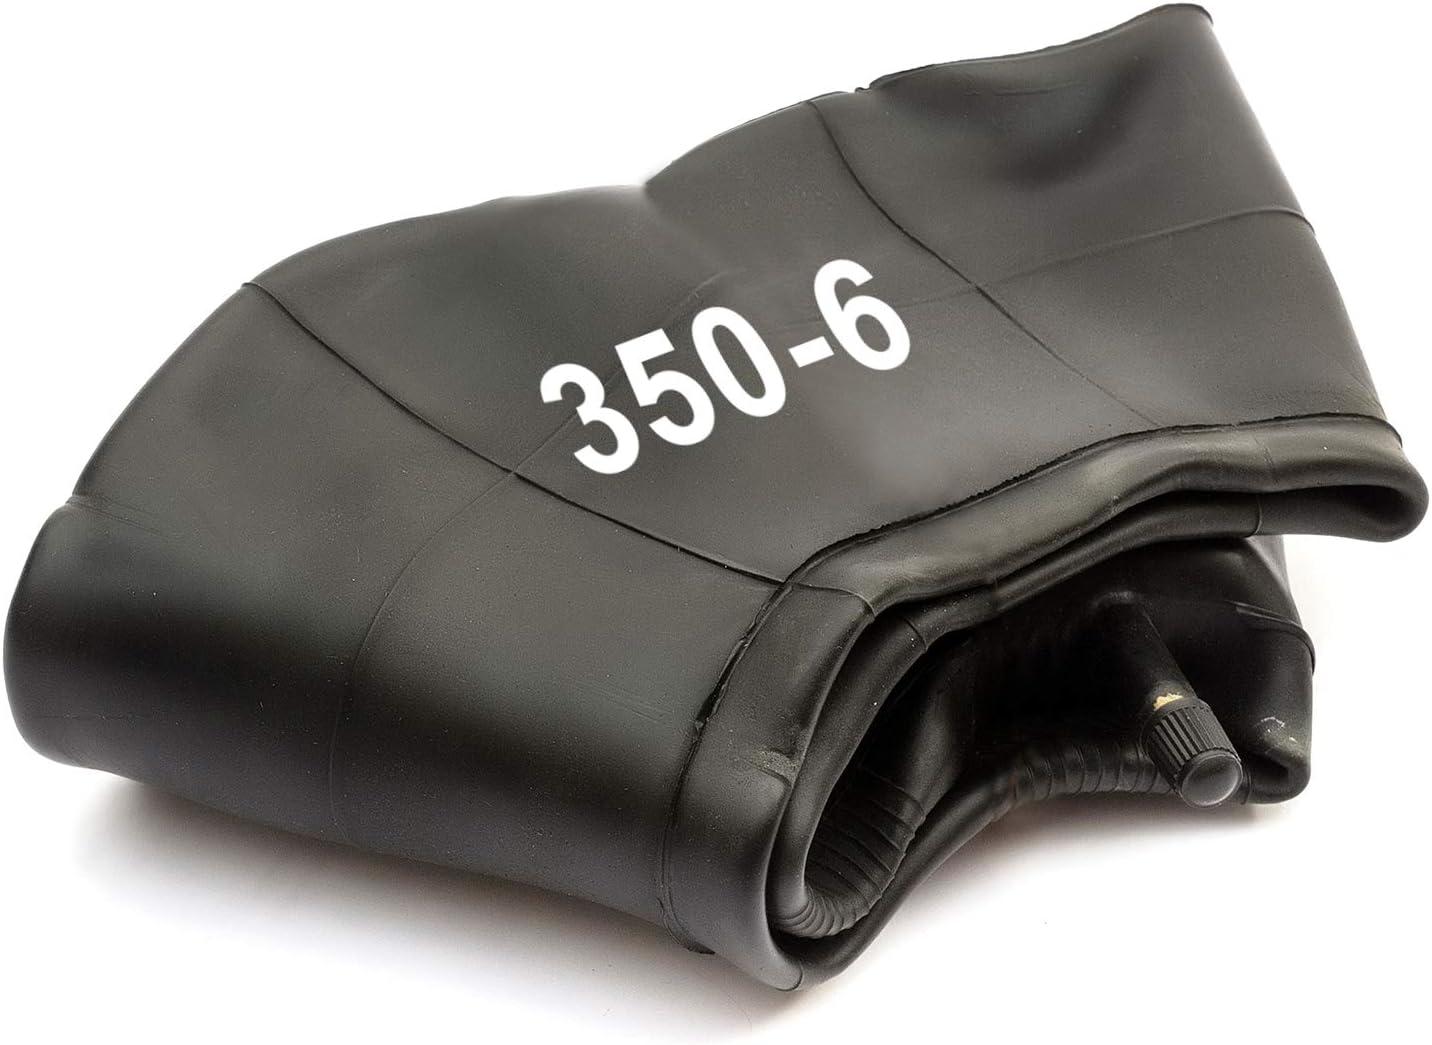 Inner Tube 350-6 Straight Valve Sack Hand Truck Trolley Fits 6 6 Inch Wheels Innertube Tyre Tube